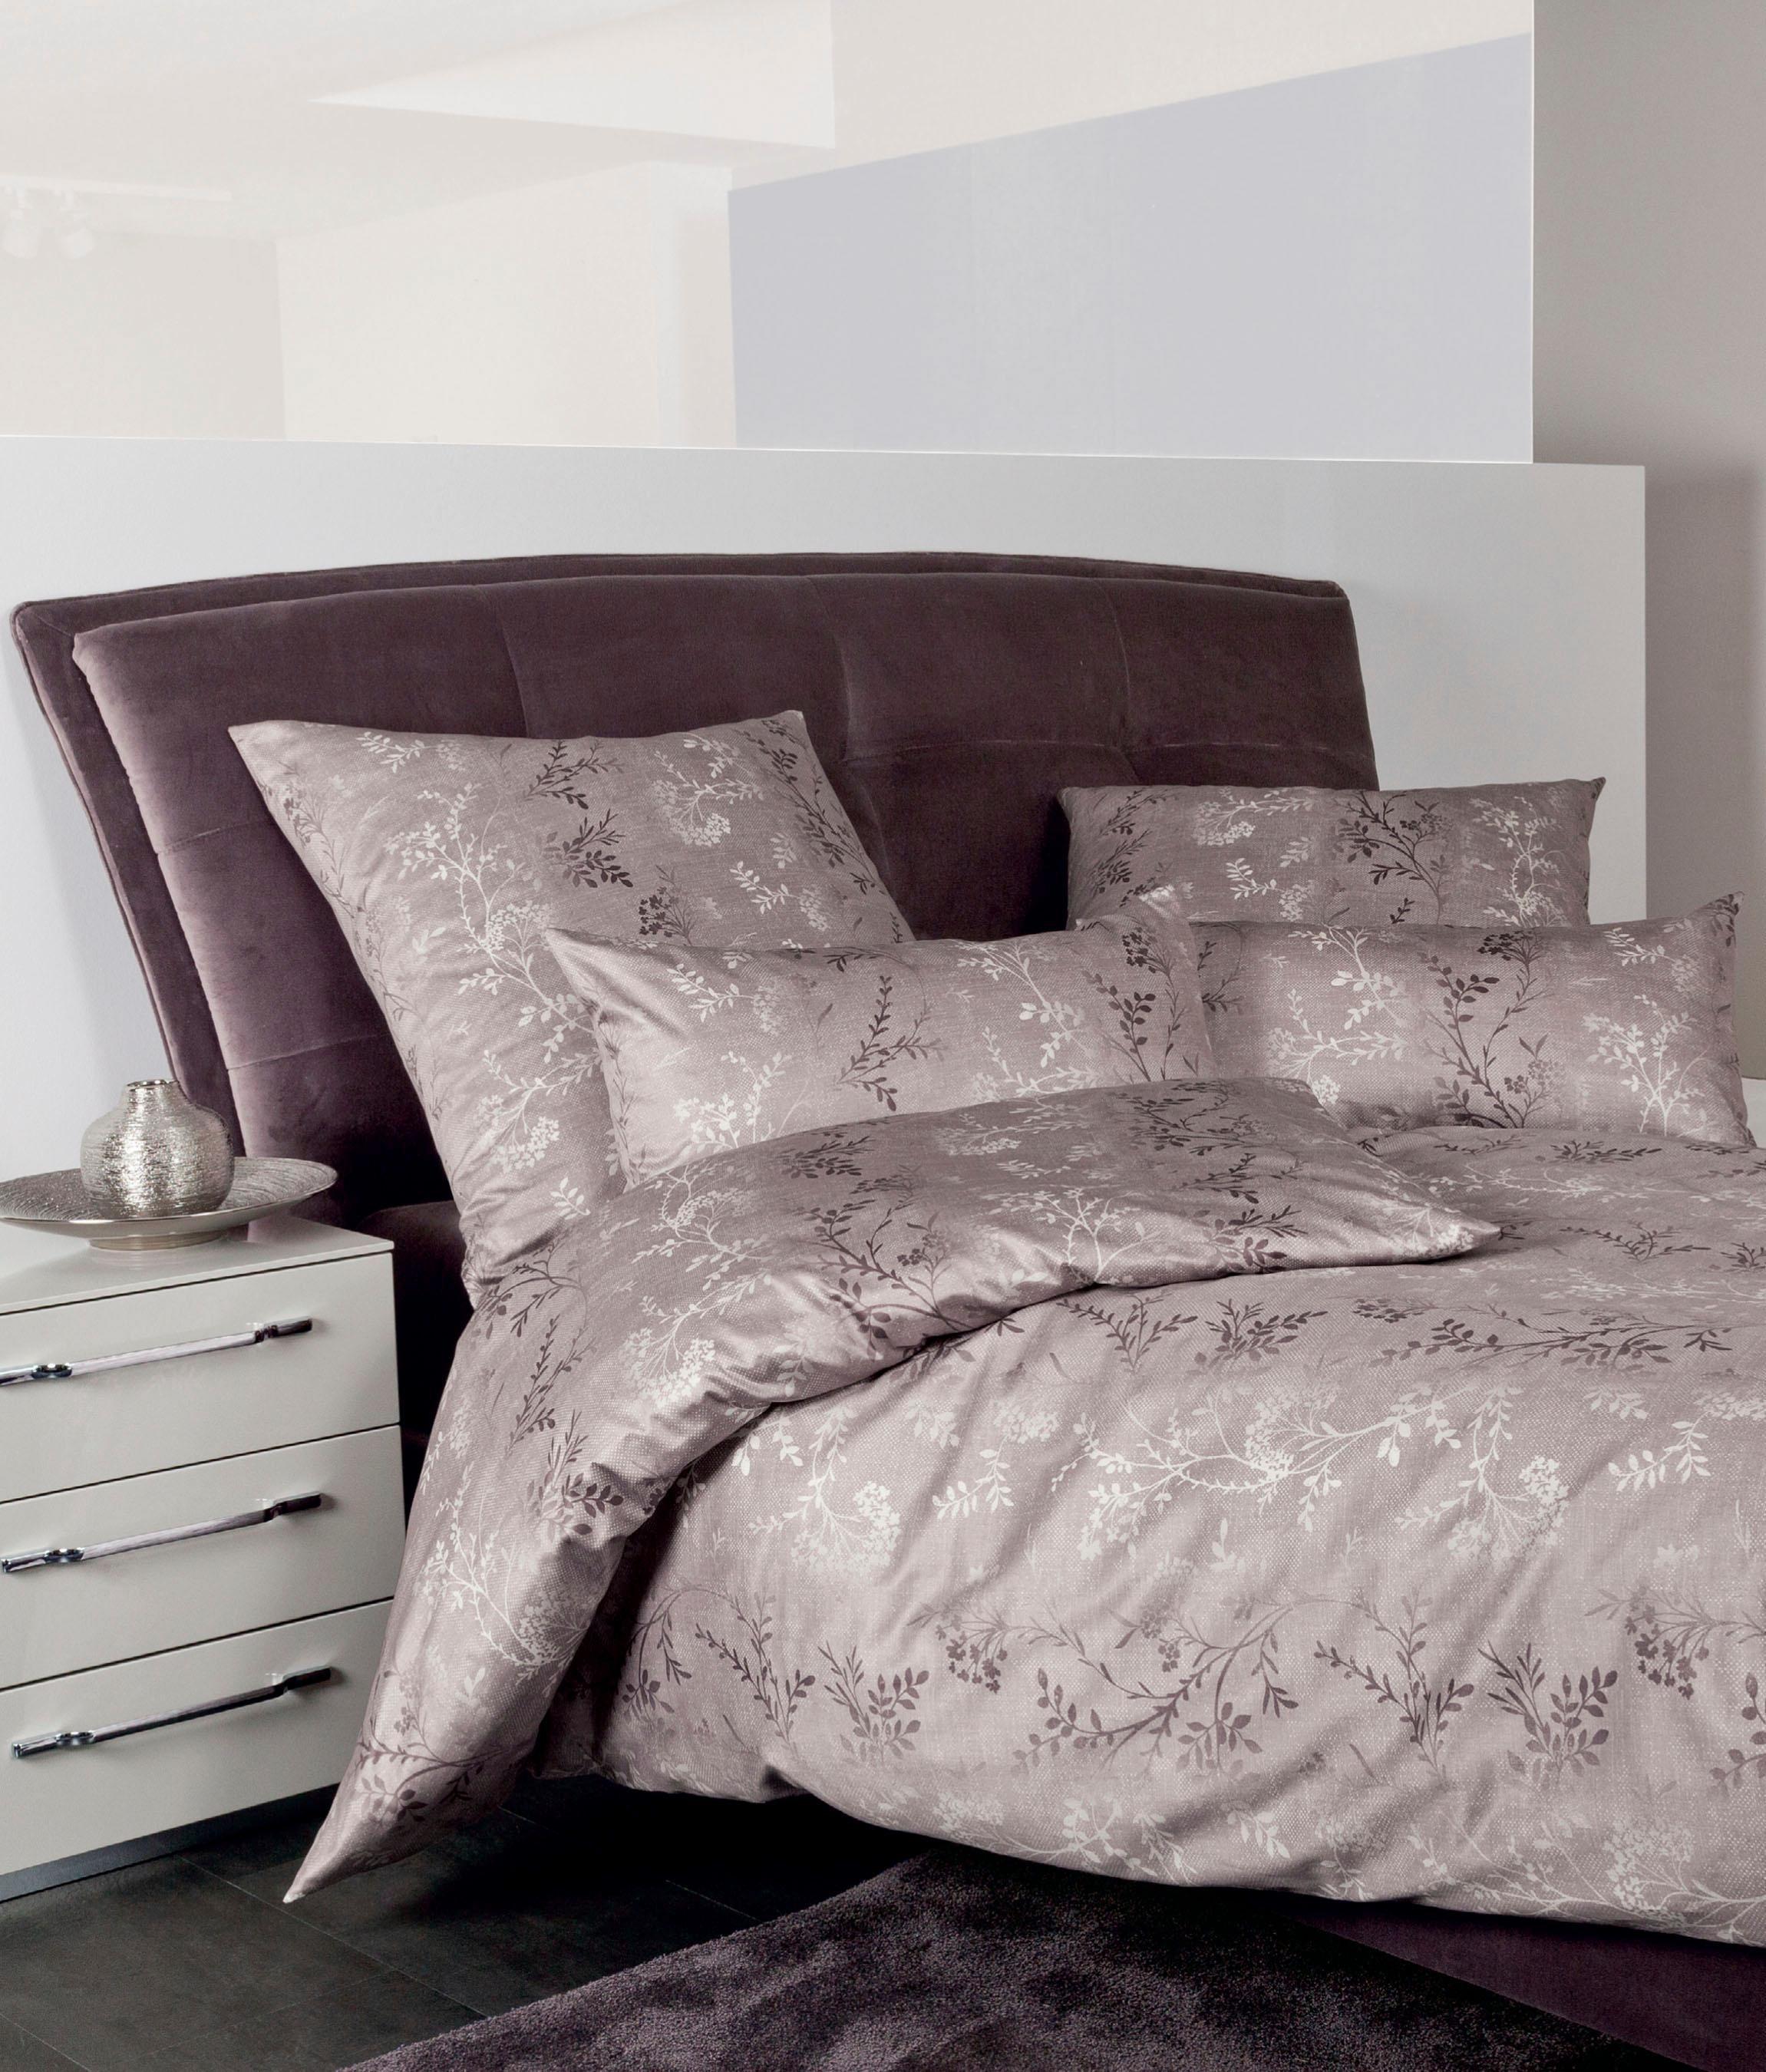 bettw sche 135x200 braun preisvergleich die besten angebote online kaufen. Black Bedroom Furniture Sets. Home Design Ideas